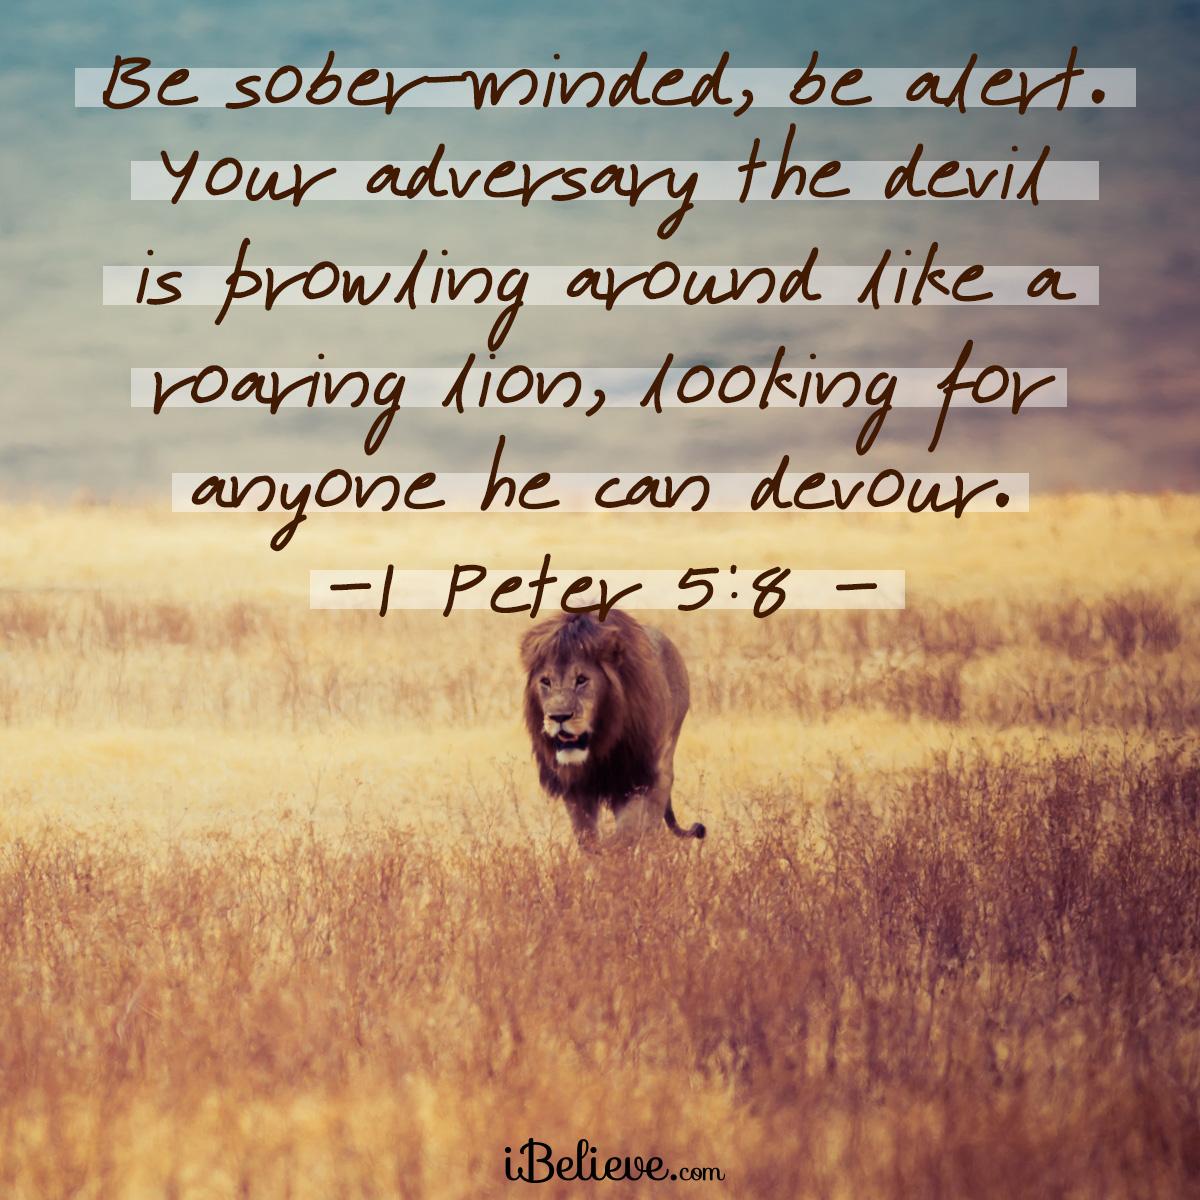 1 Peter 5:8 sq